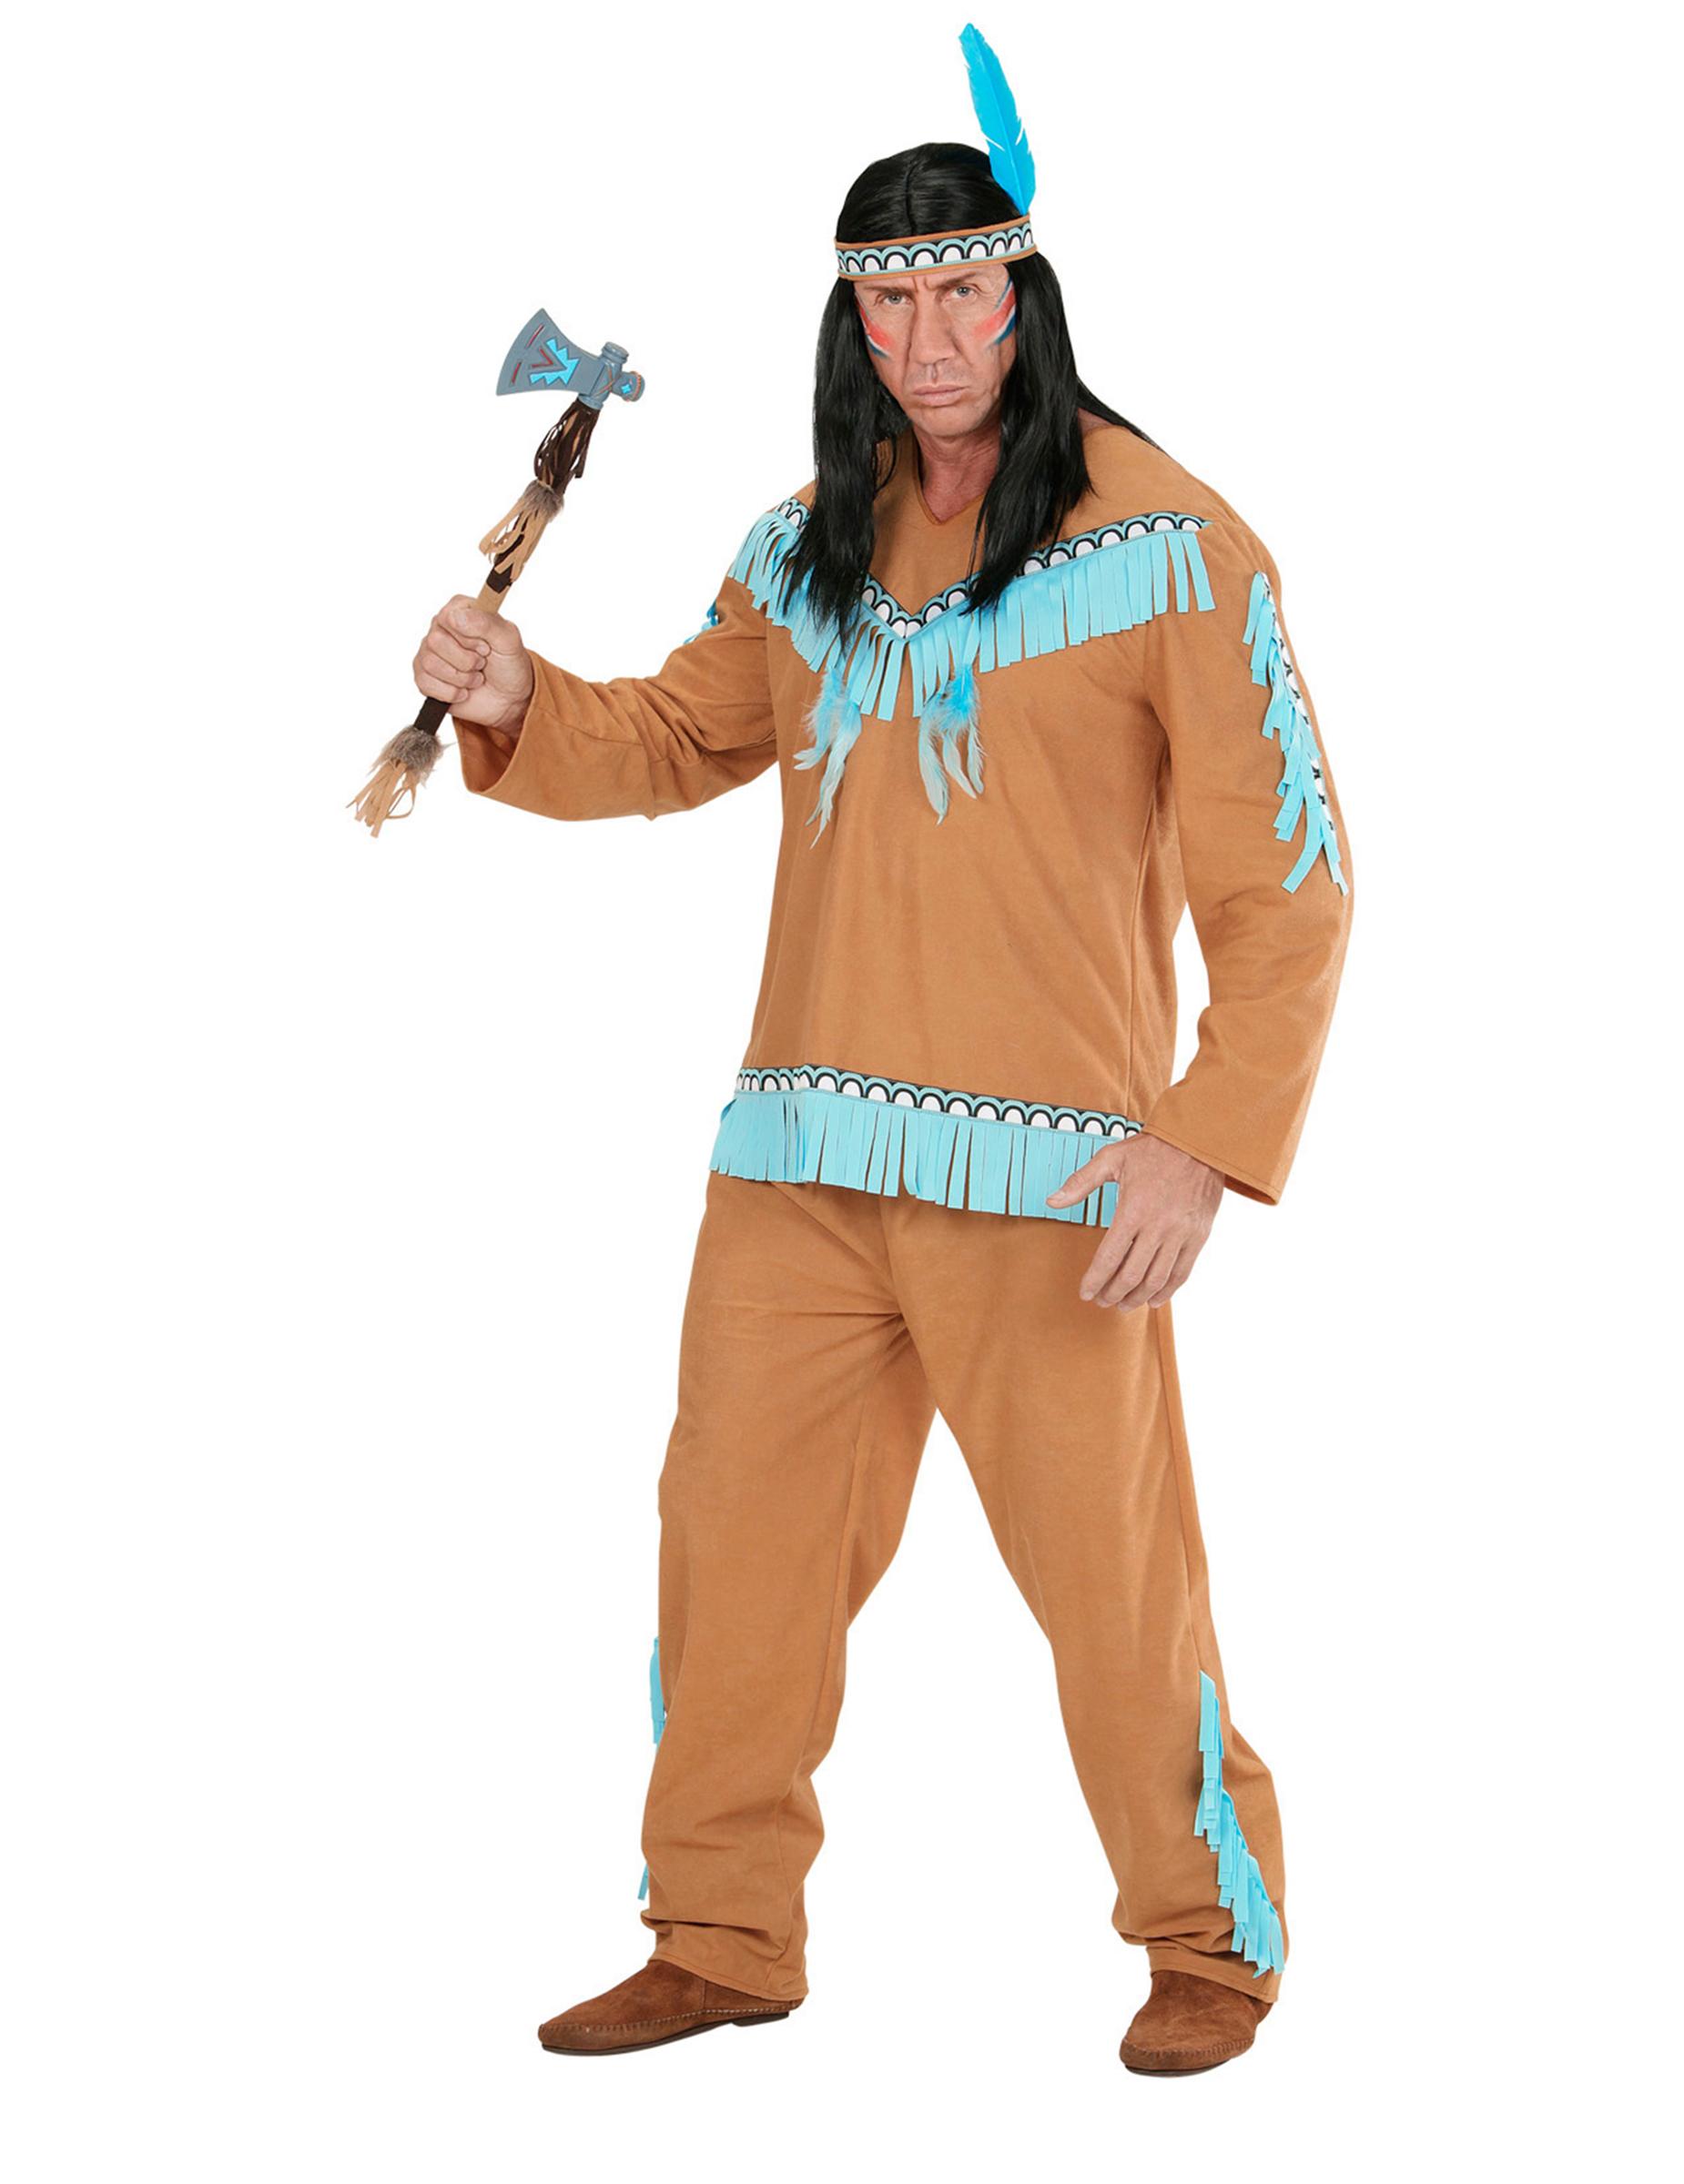 d guisement indien marron et bleu homme deguise toi achat de d guisements adultes. Black Bedroom Furniture Sets. Home Design Ideas